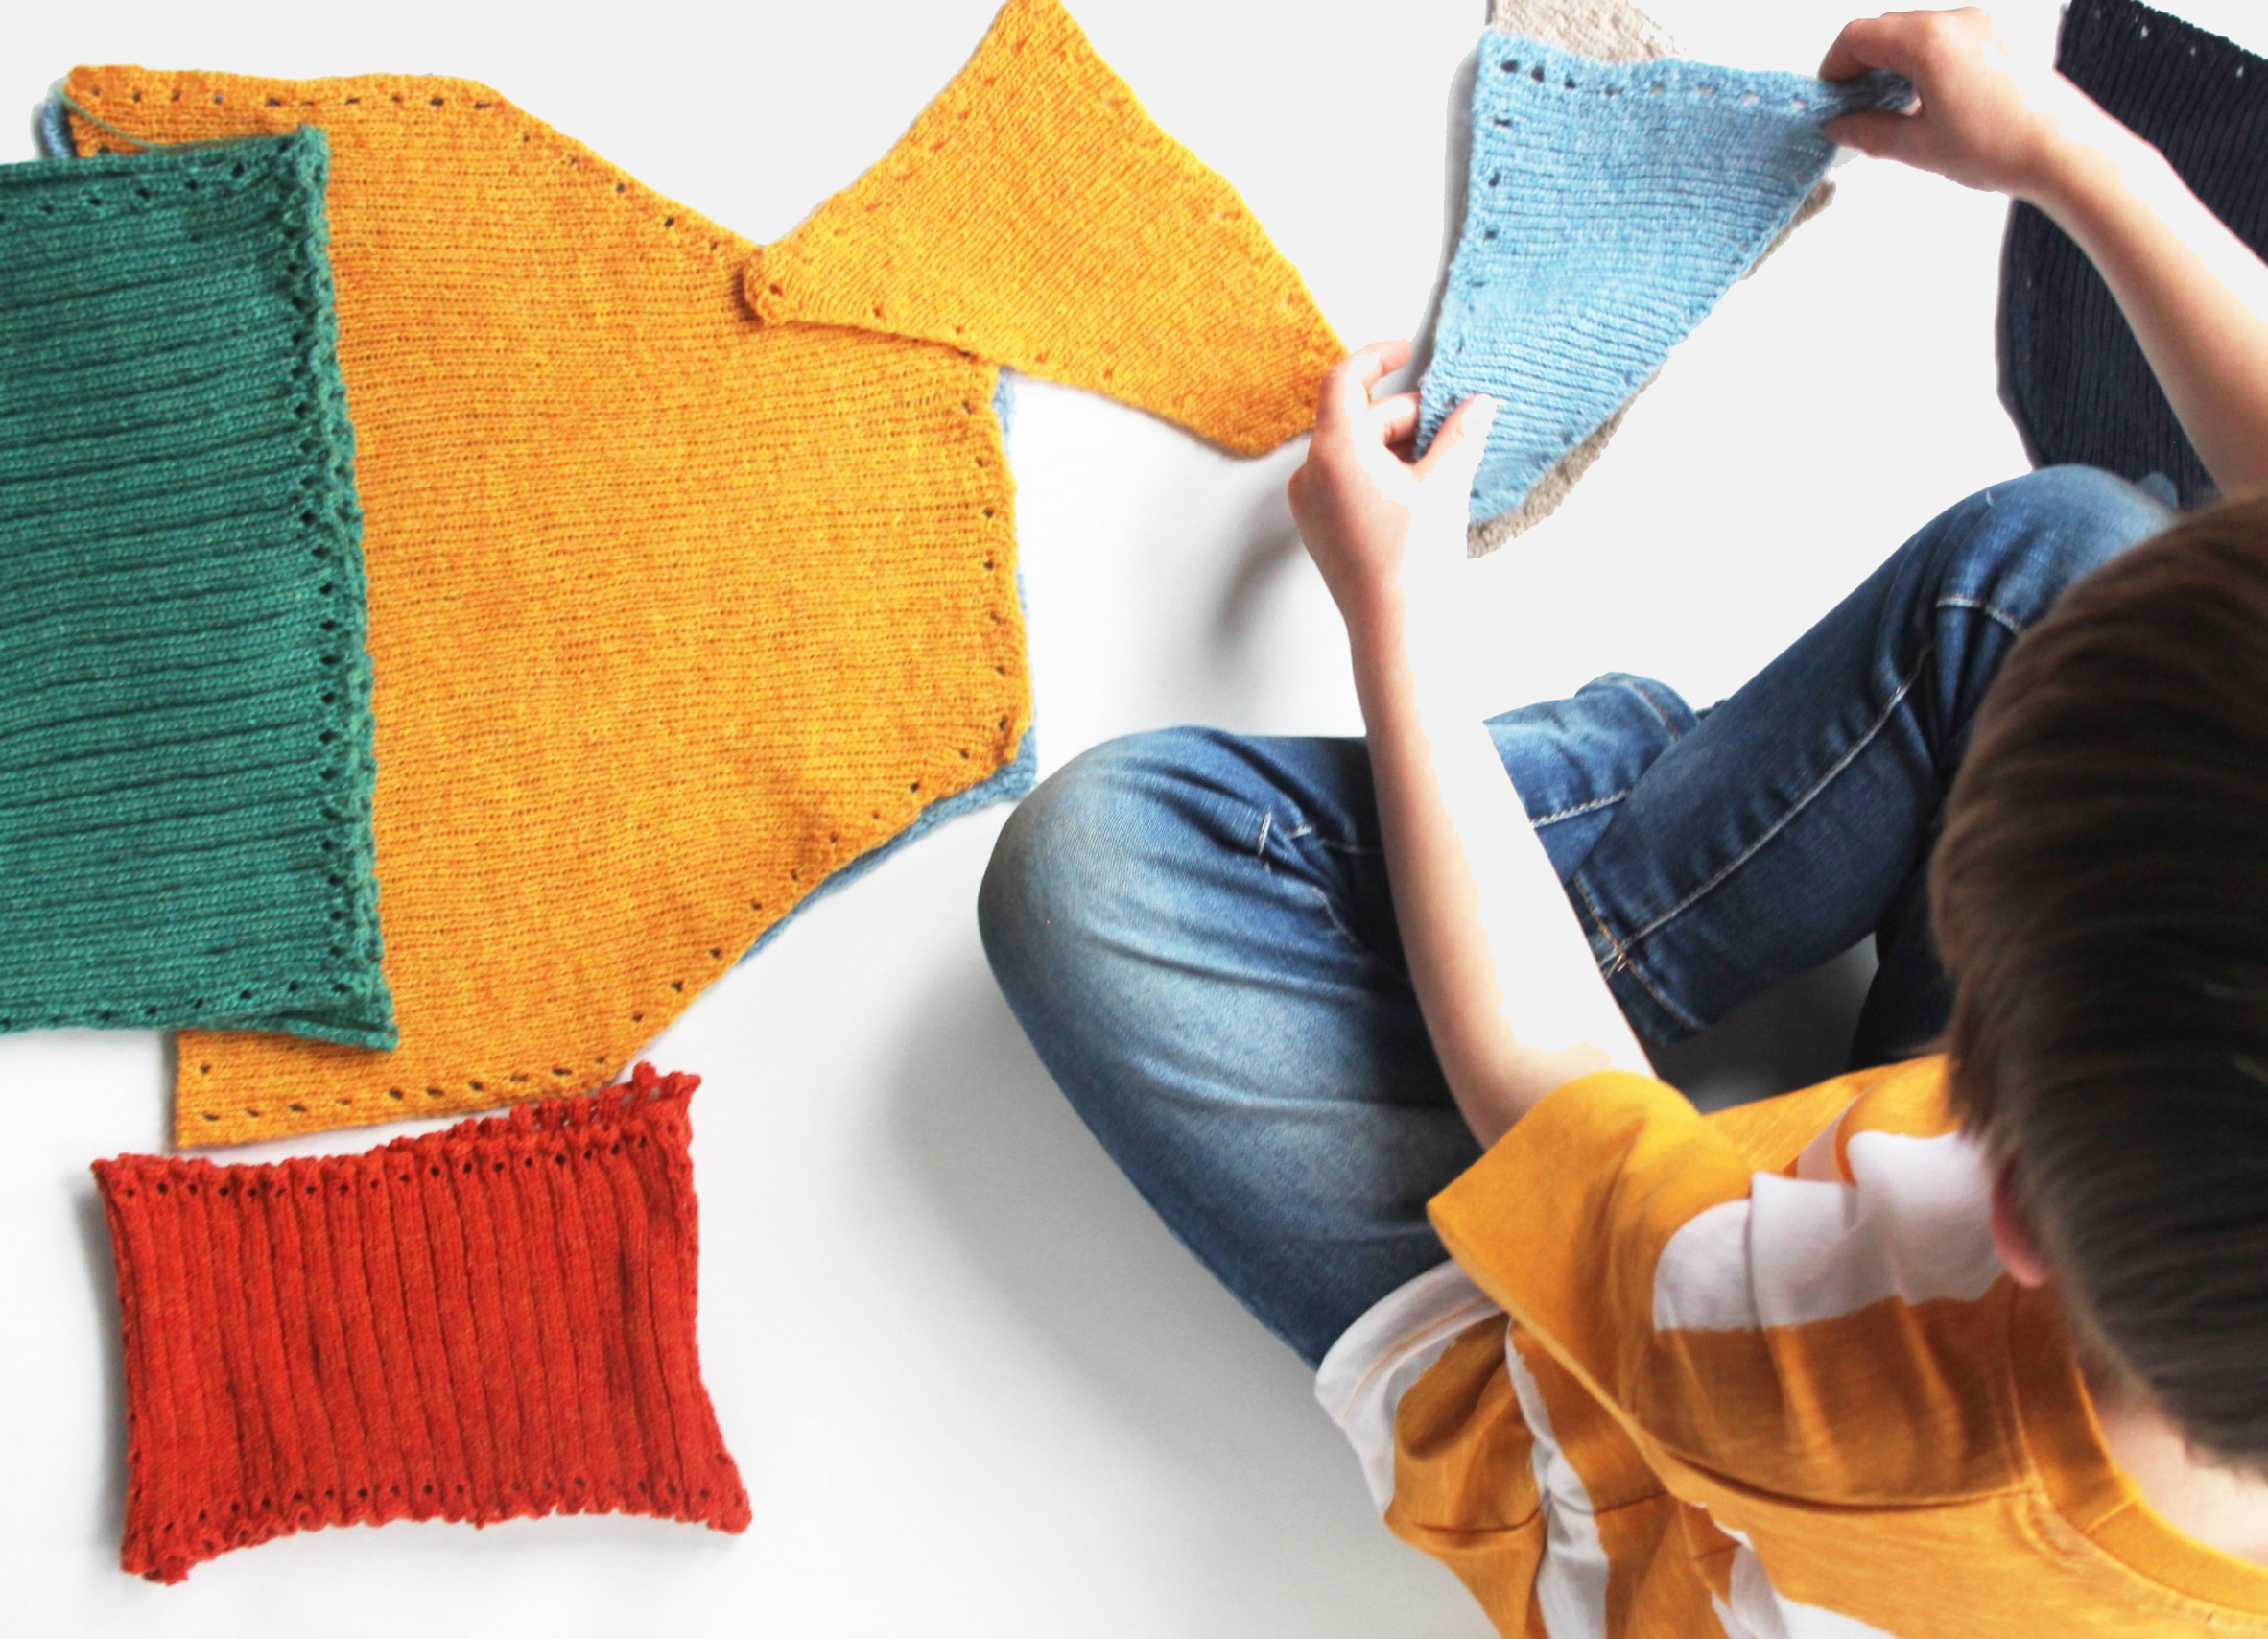 DIY clothes kit